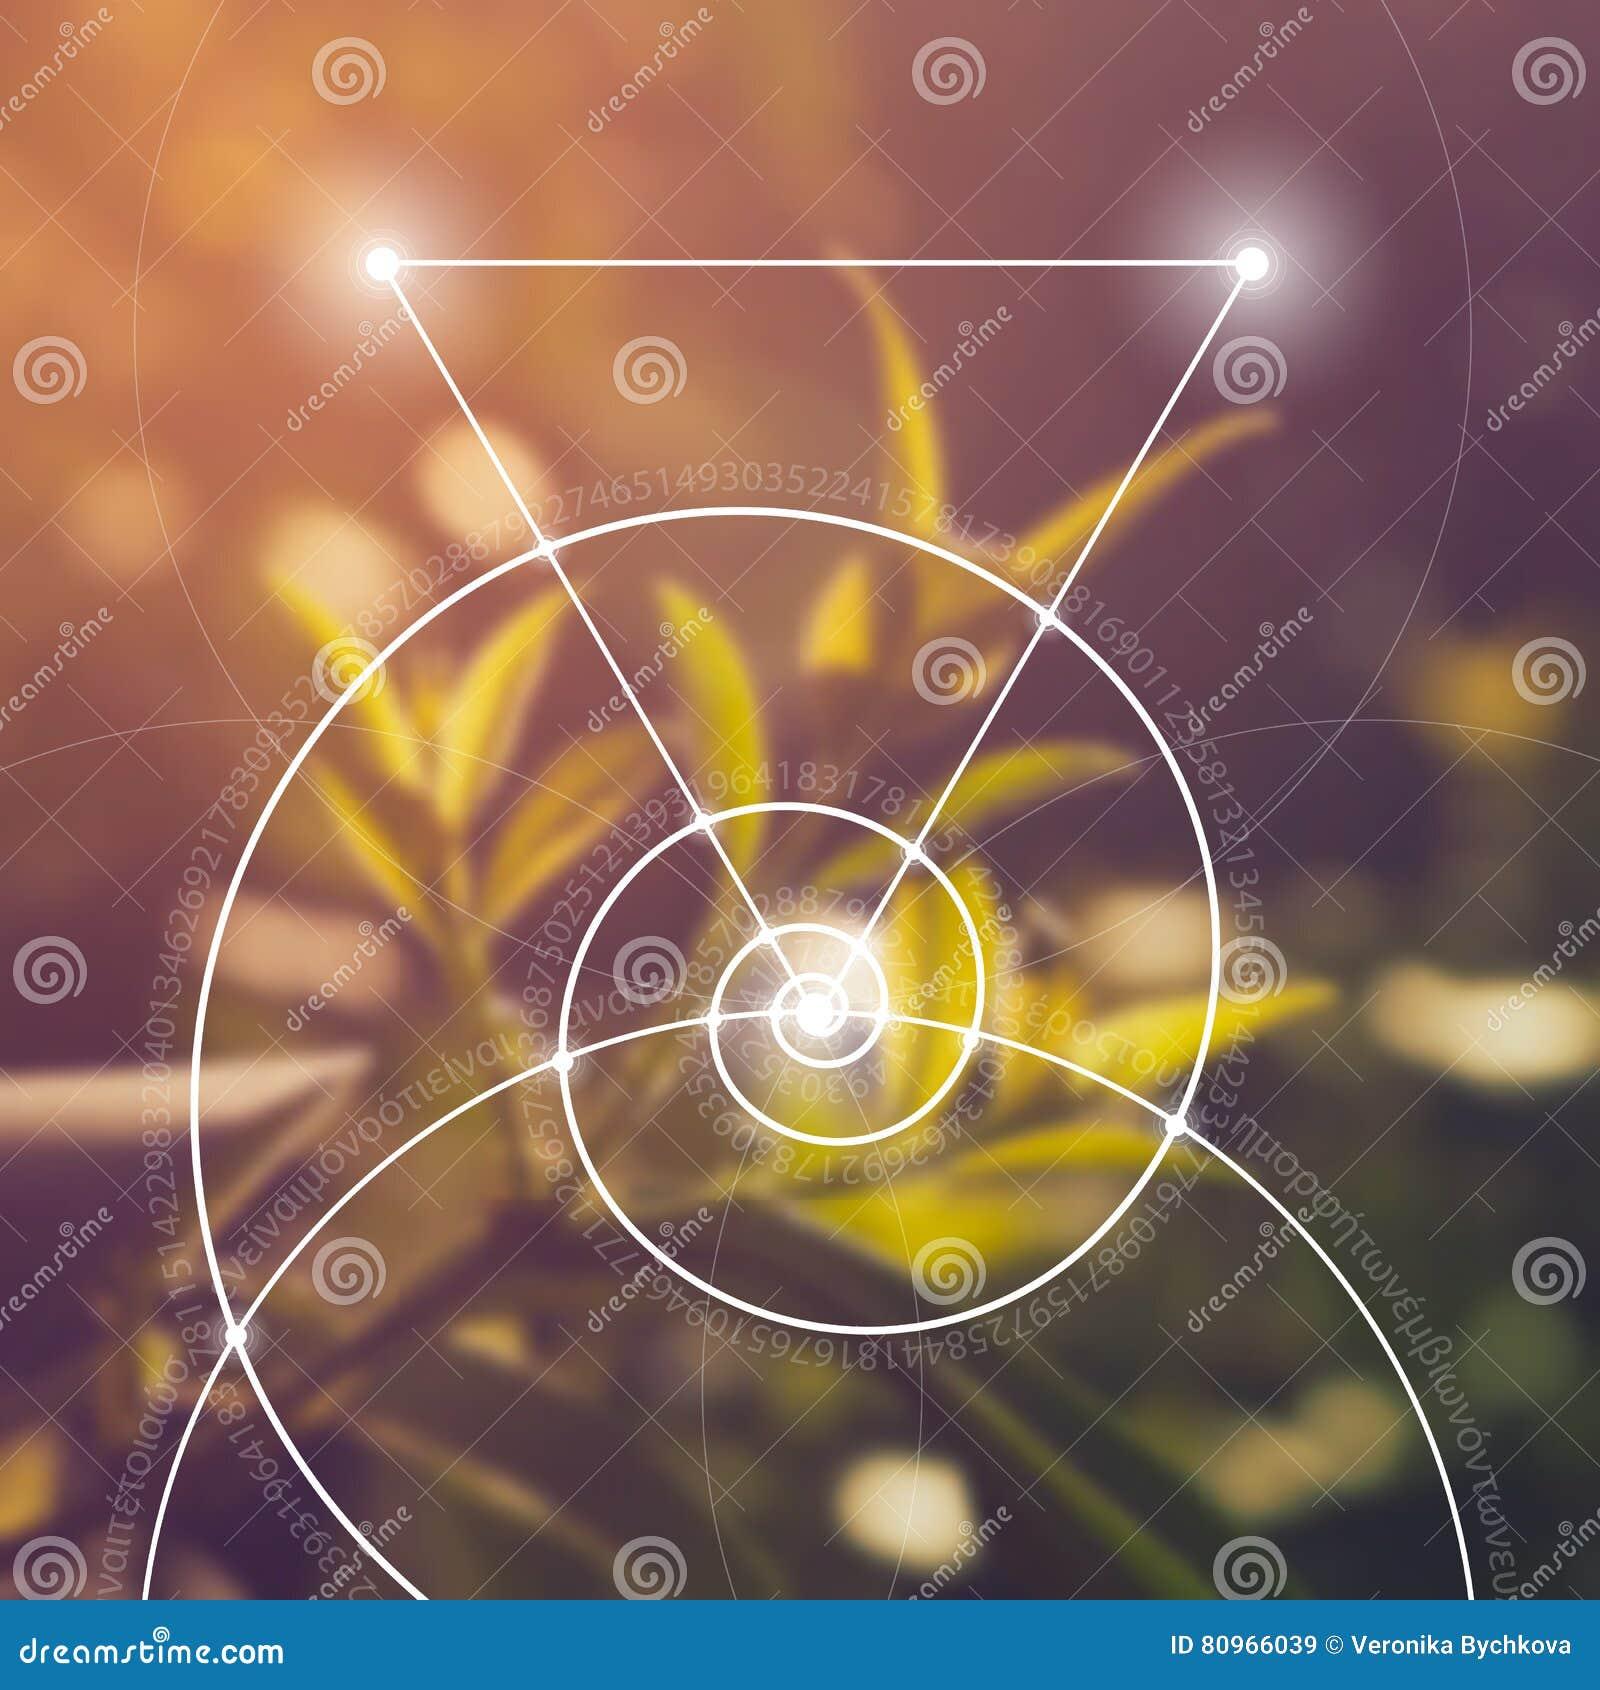 γεωμετρία ιερή Μαθηματικά, φύση, και πνευματικότητα στη φύση Ο τύπος της φύσης